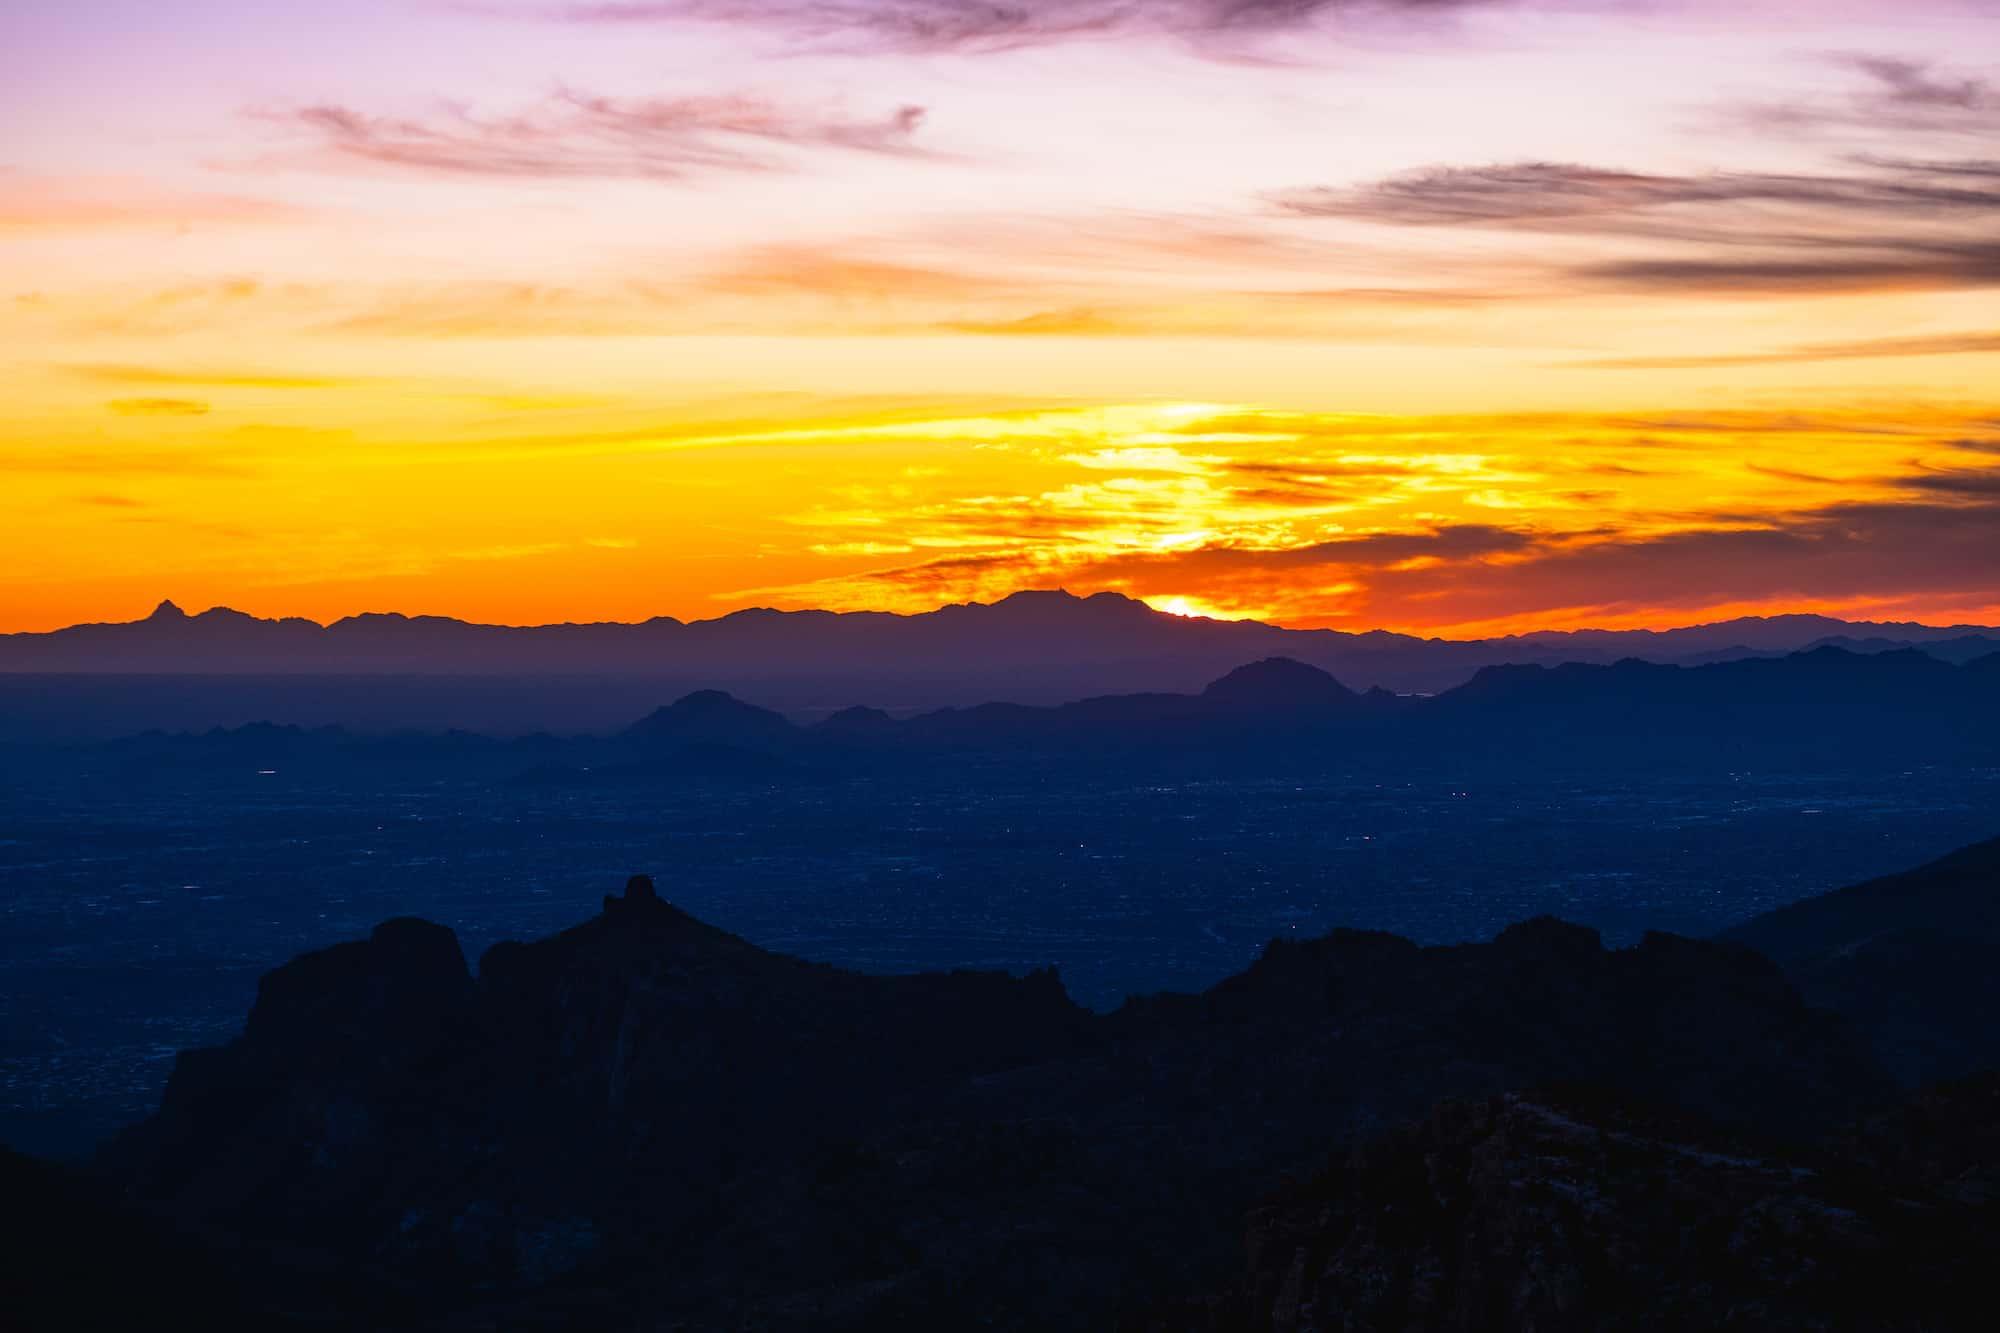 Windy Point Landscape Weekend in Tucson